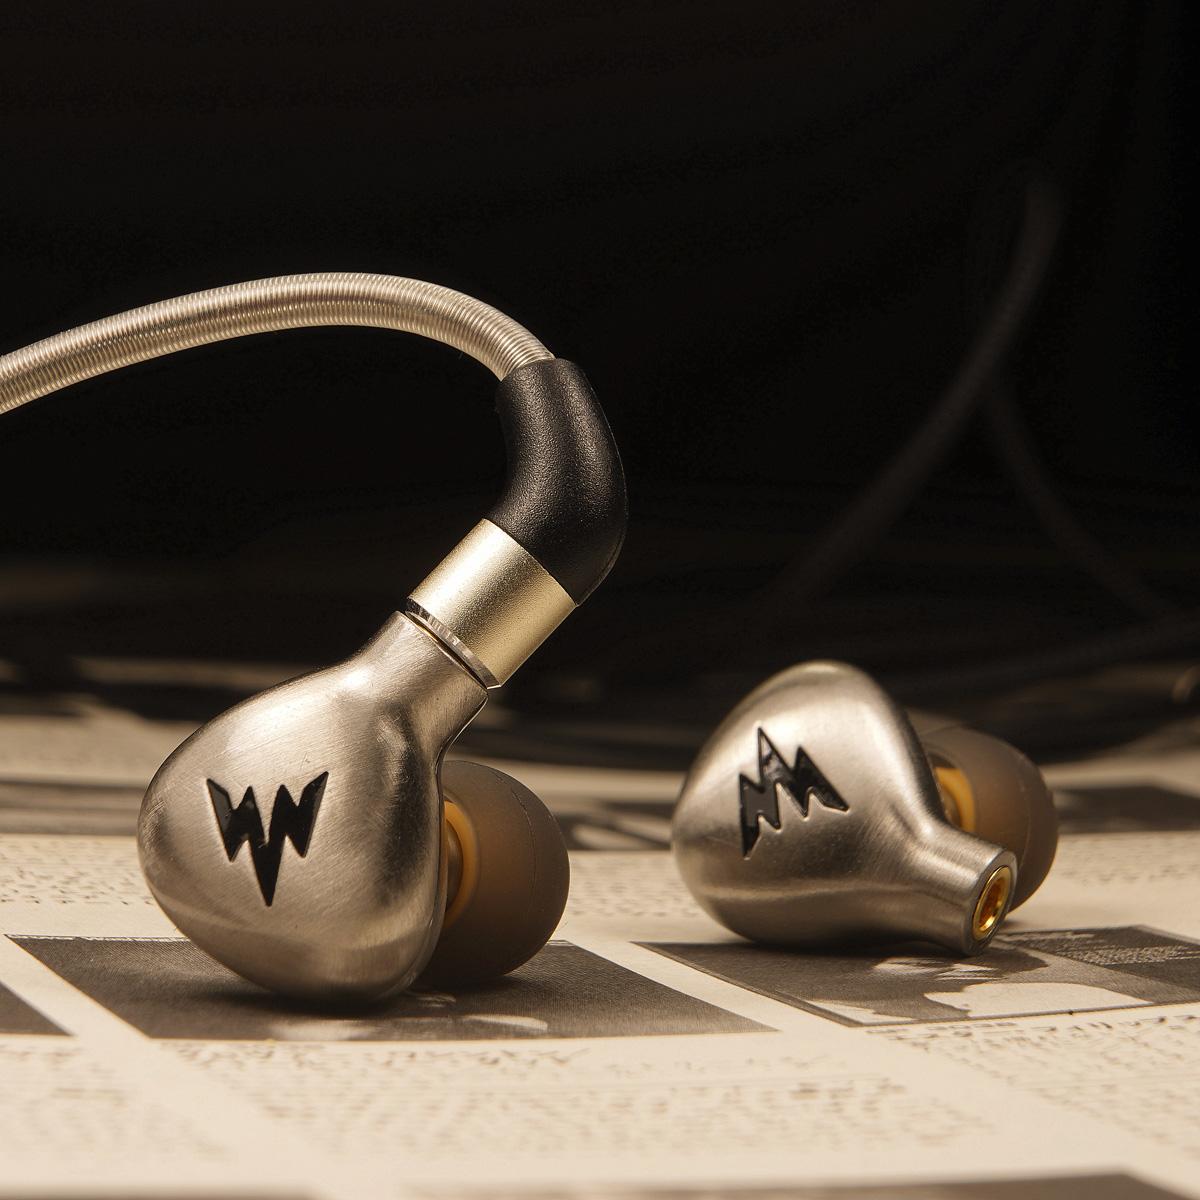 【精钢腔体】Whizzer/威泽A15 hifi耳机入耳式挂耳塞 均衡耐听